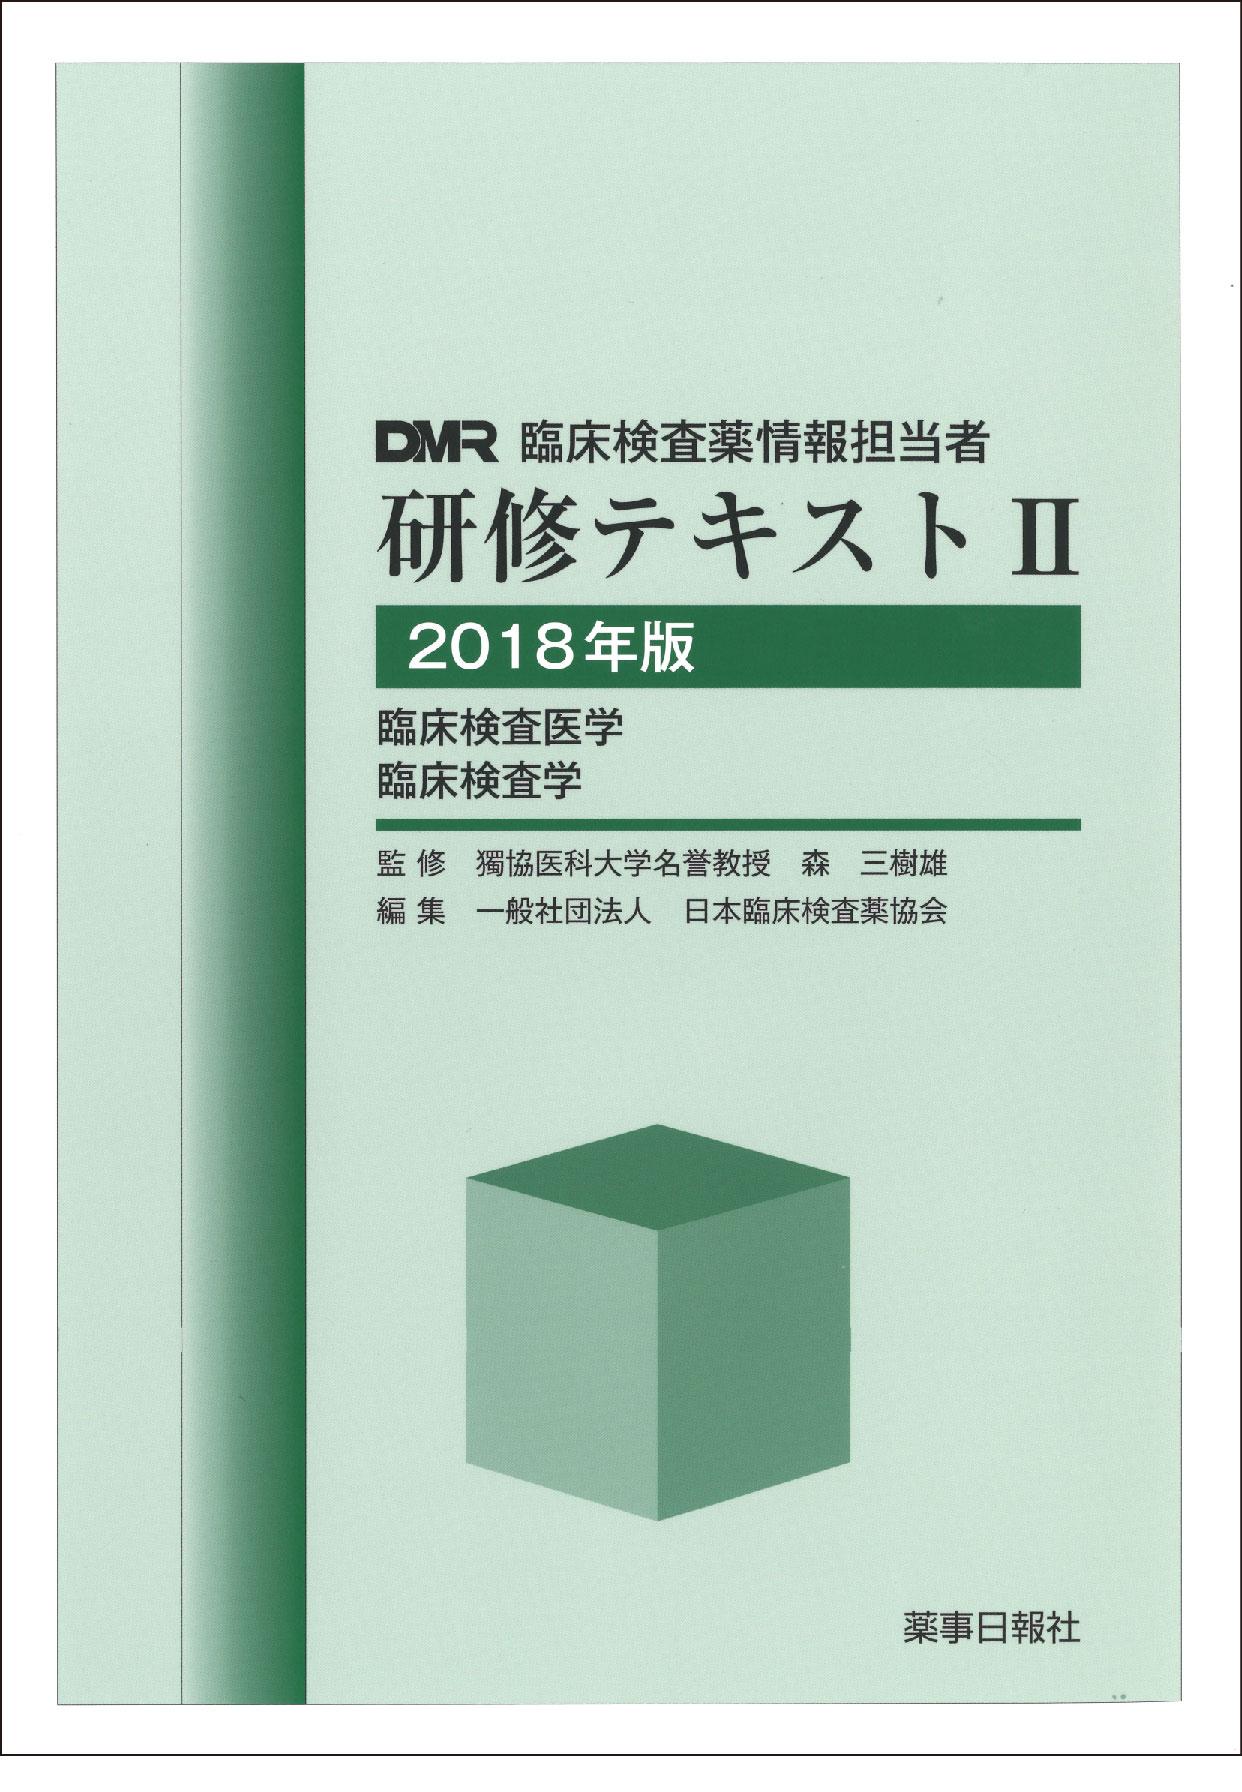 DMR臨床検査薬情報担当者研修テキストII